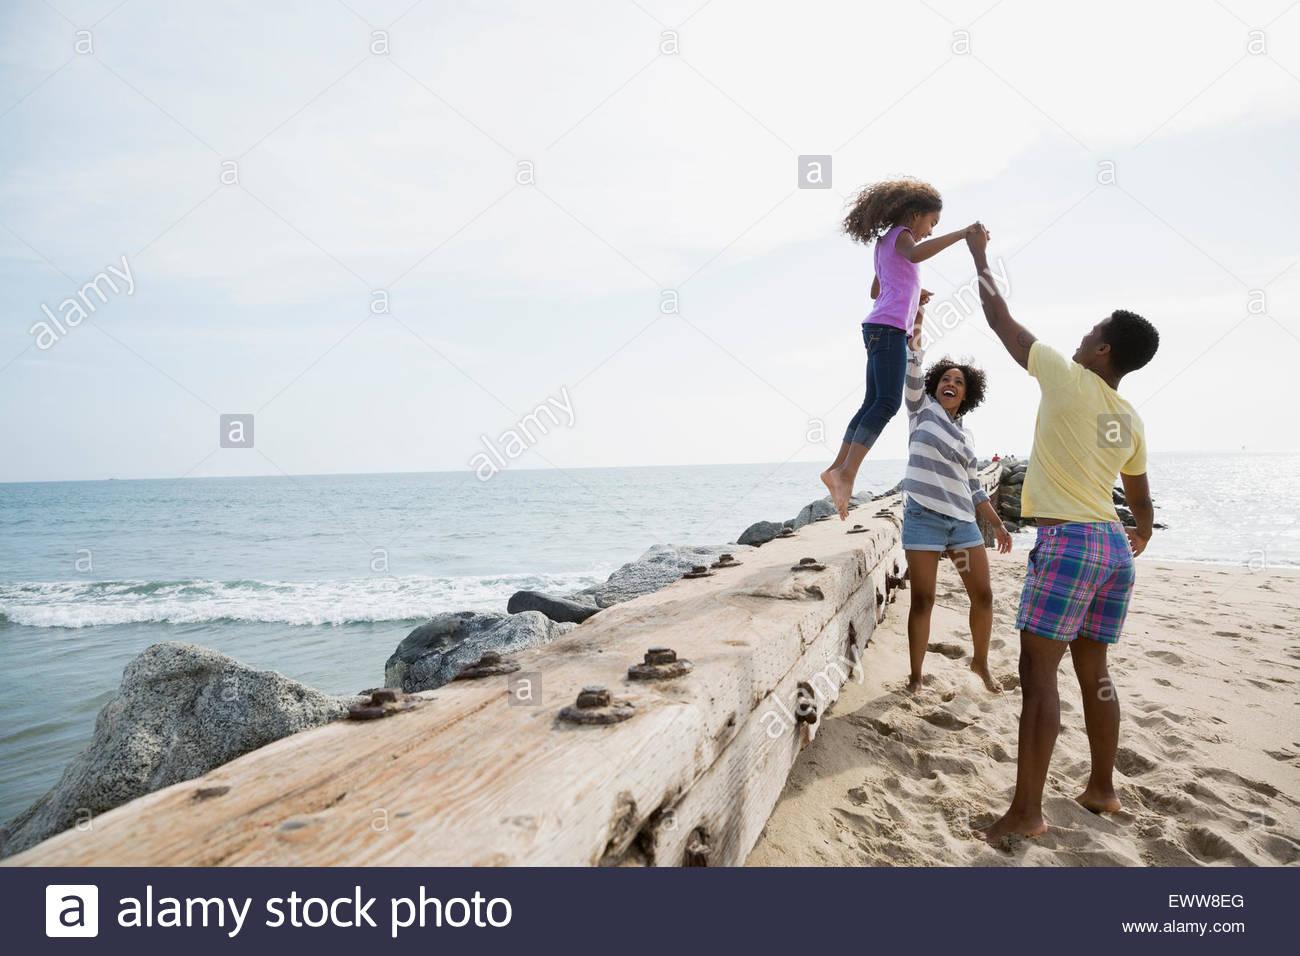 Père et mère fille aider aller plage mur Photo Stock